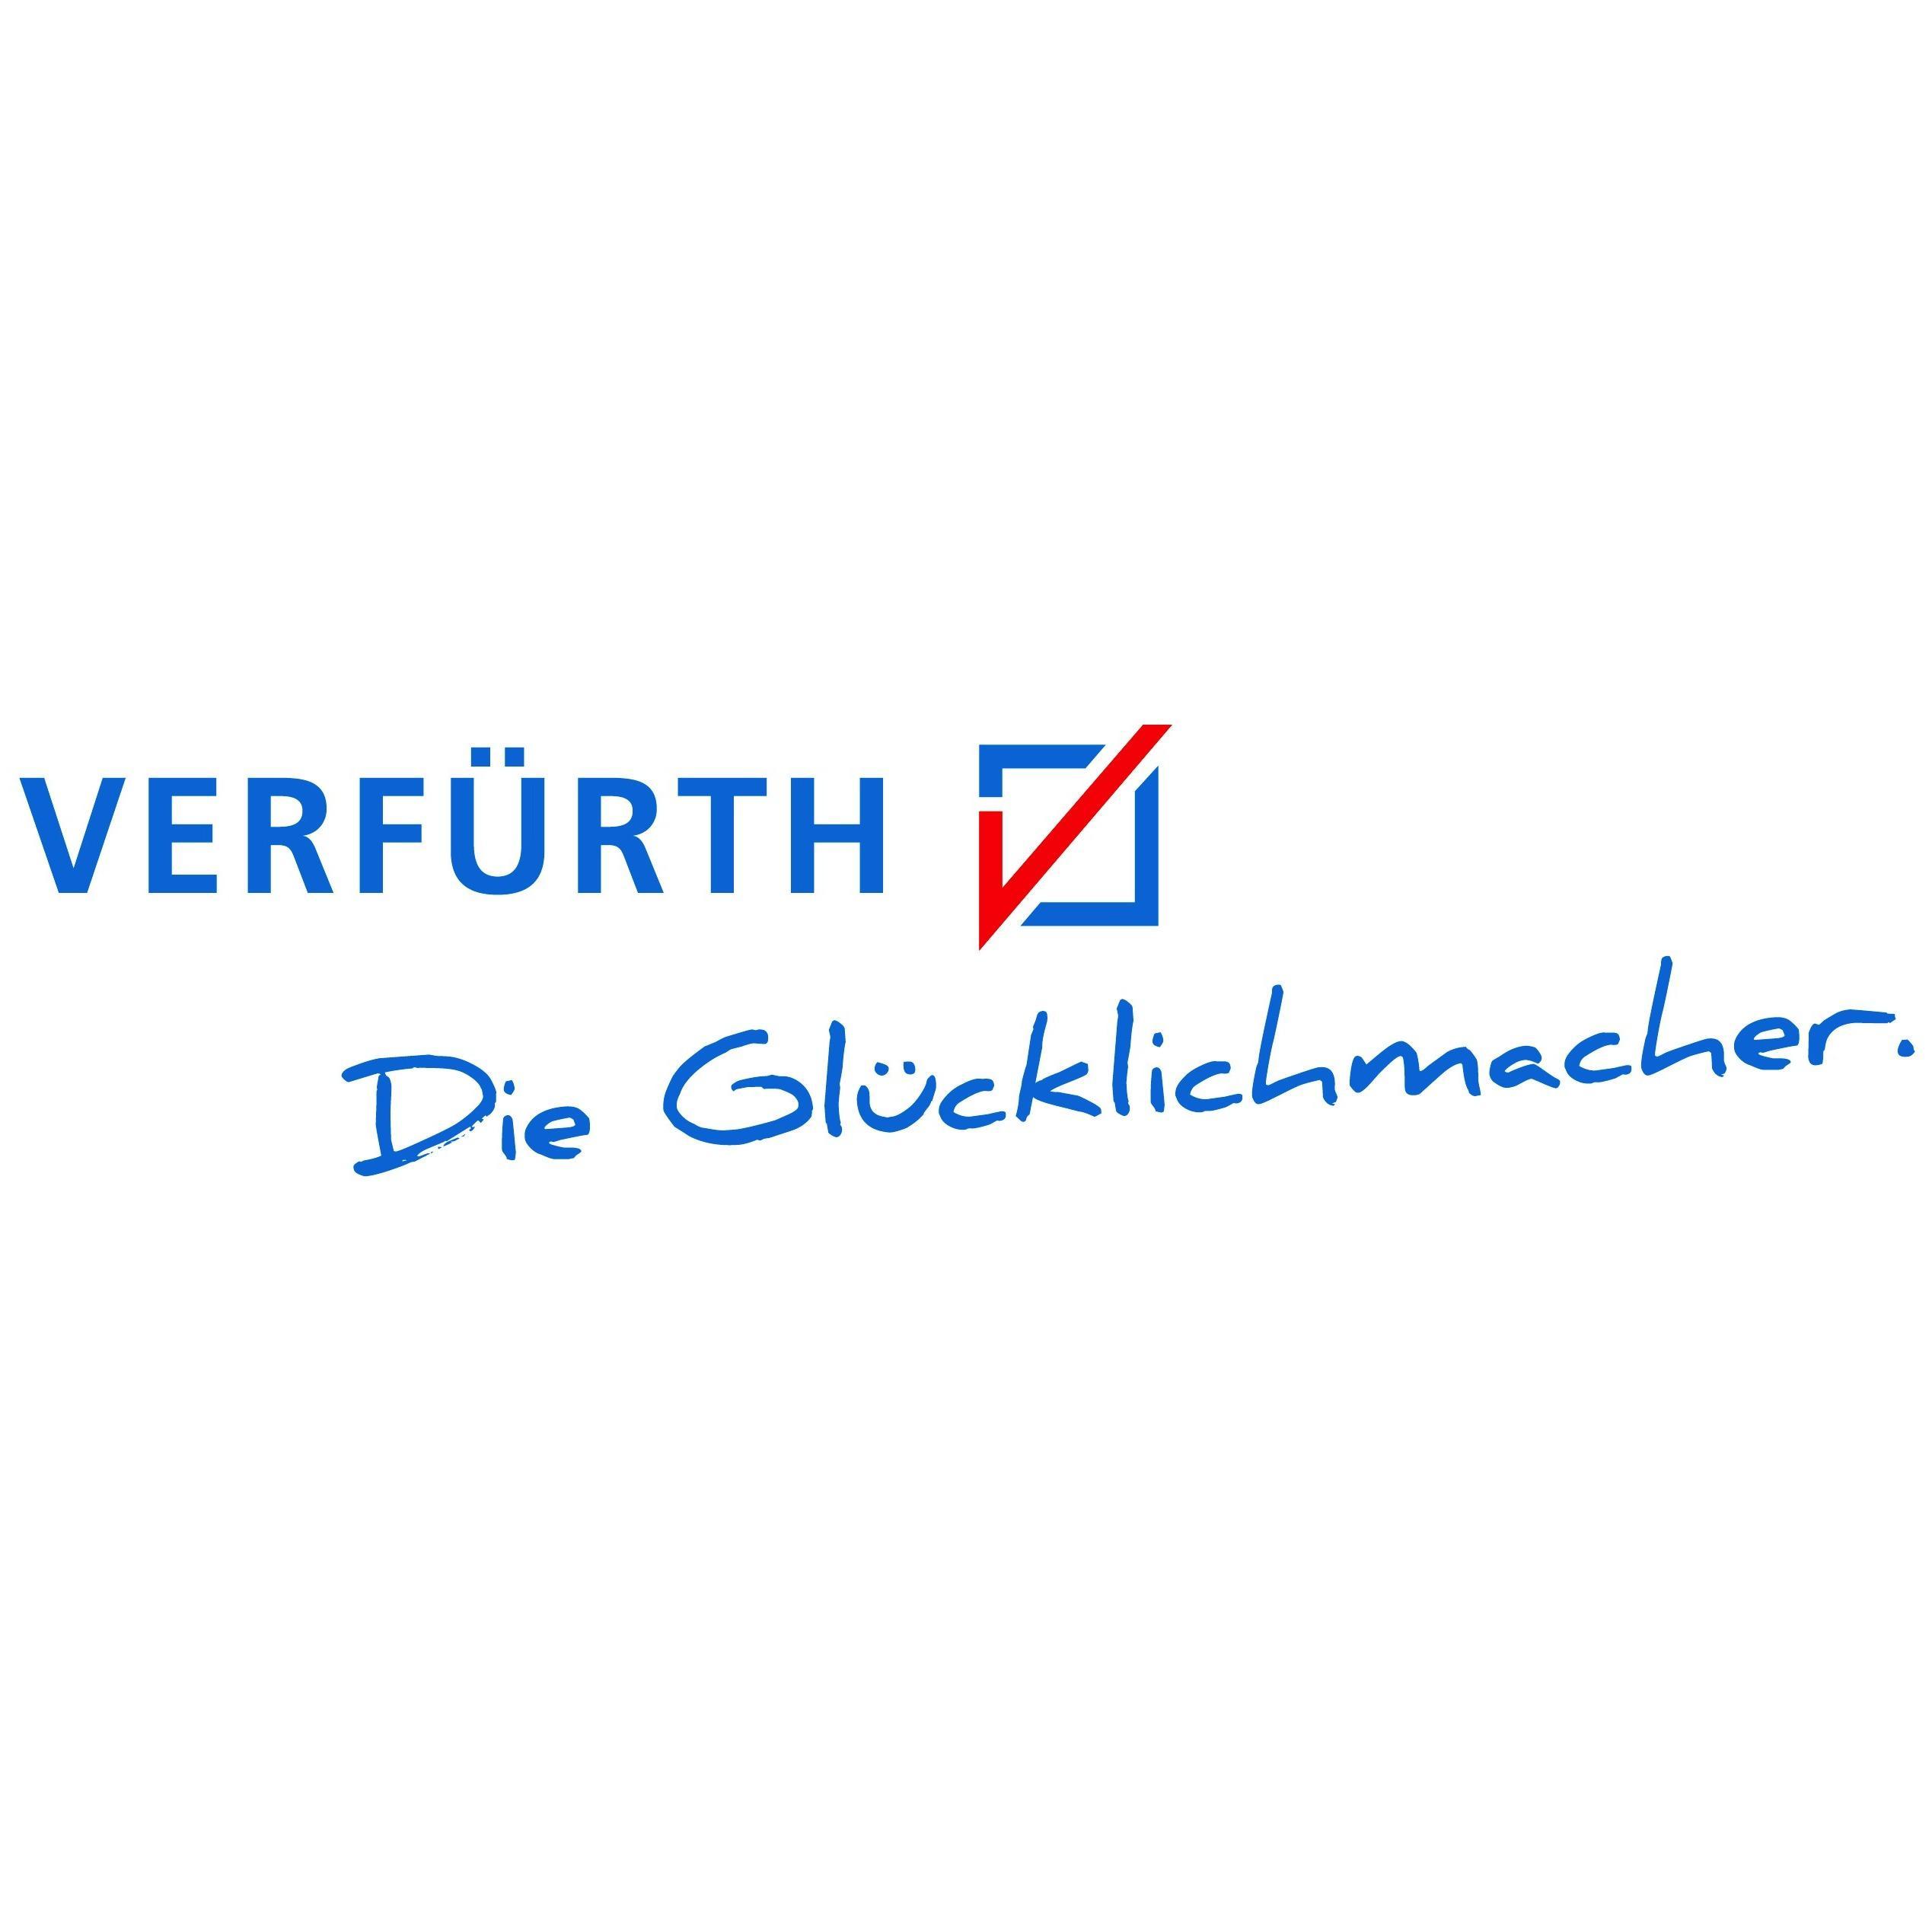 Bild zu VERFÜRTH GmbH & Co. KG in Münster